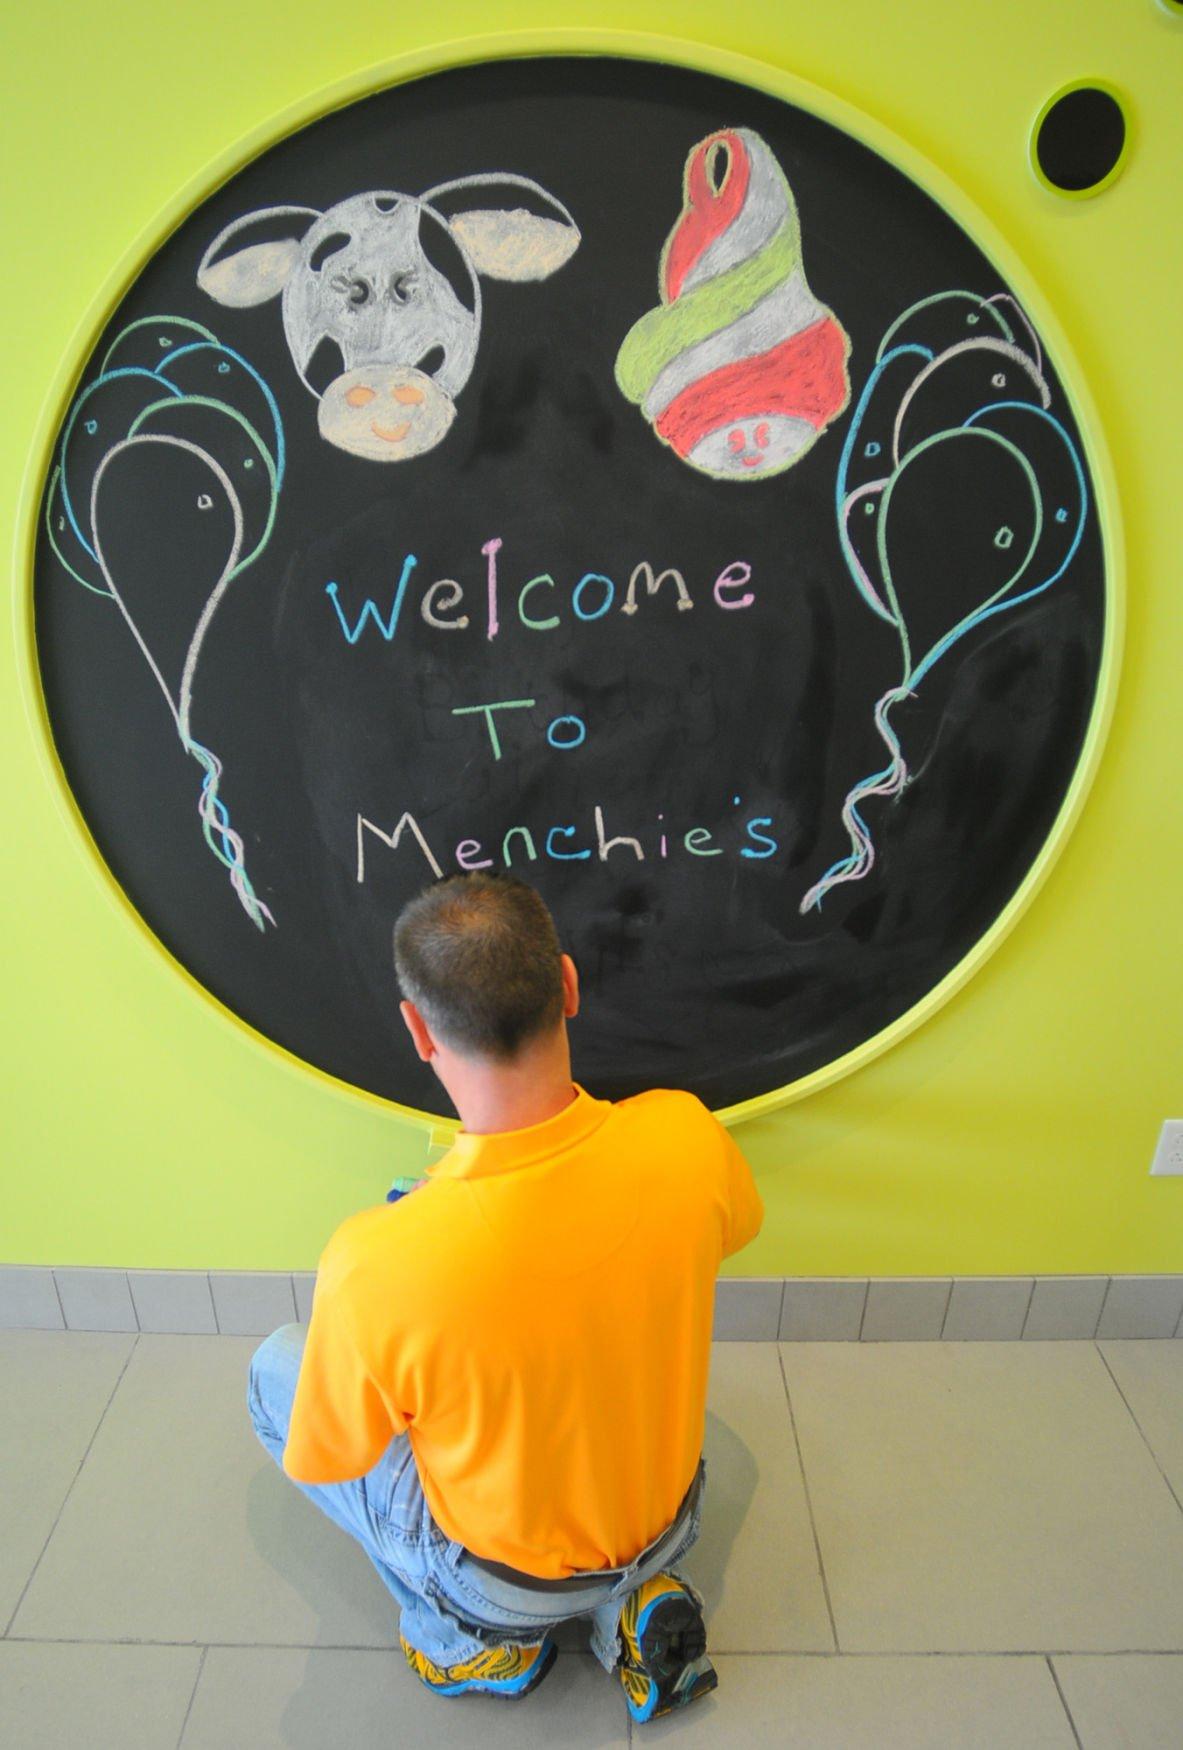 yogurt friends local news com met051214 chalkboard jpg